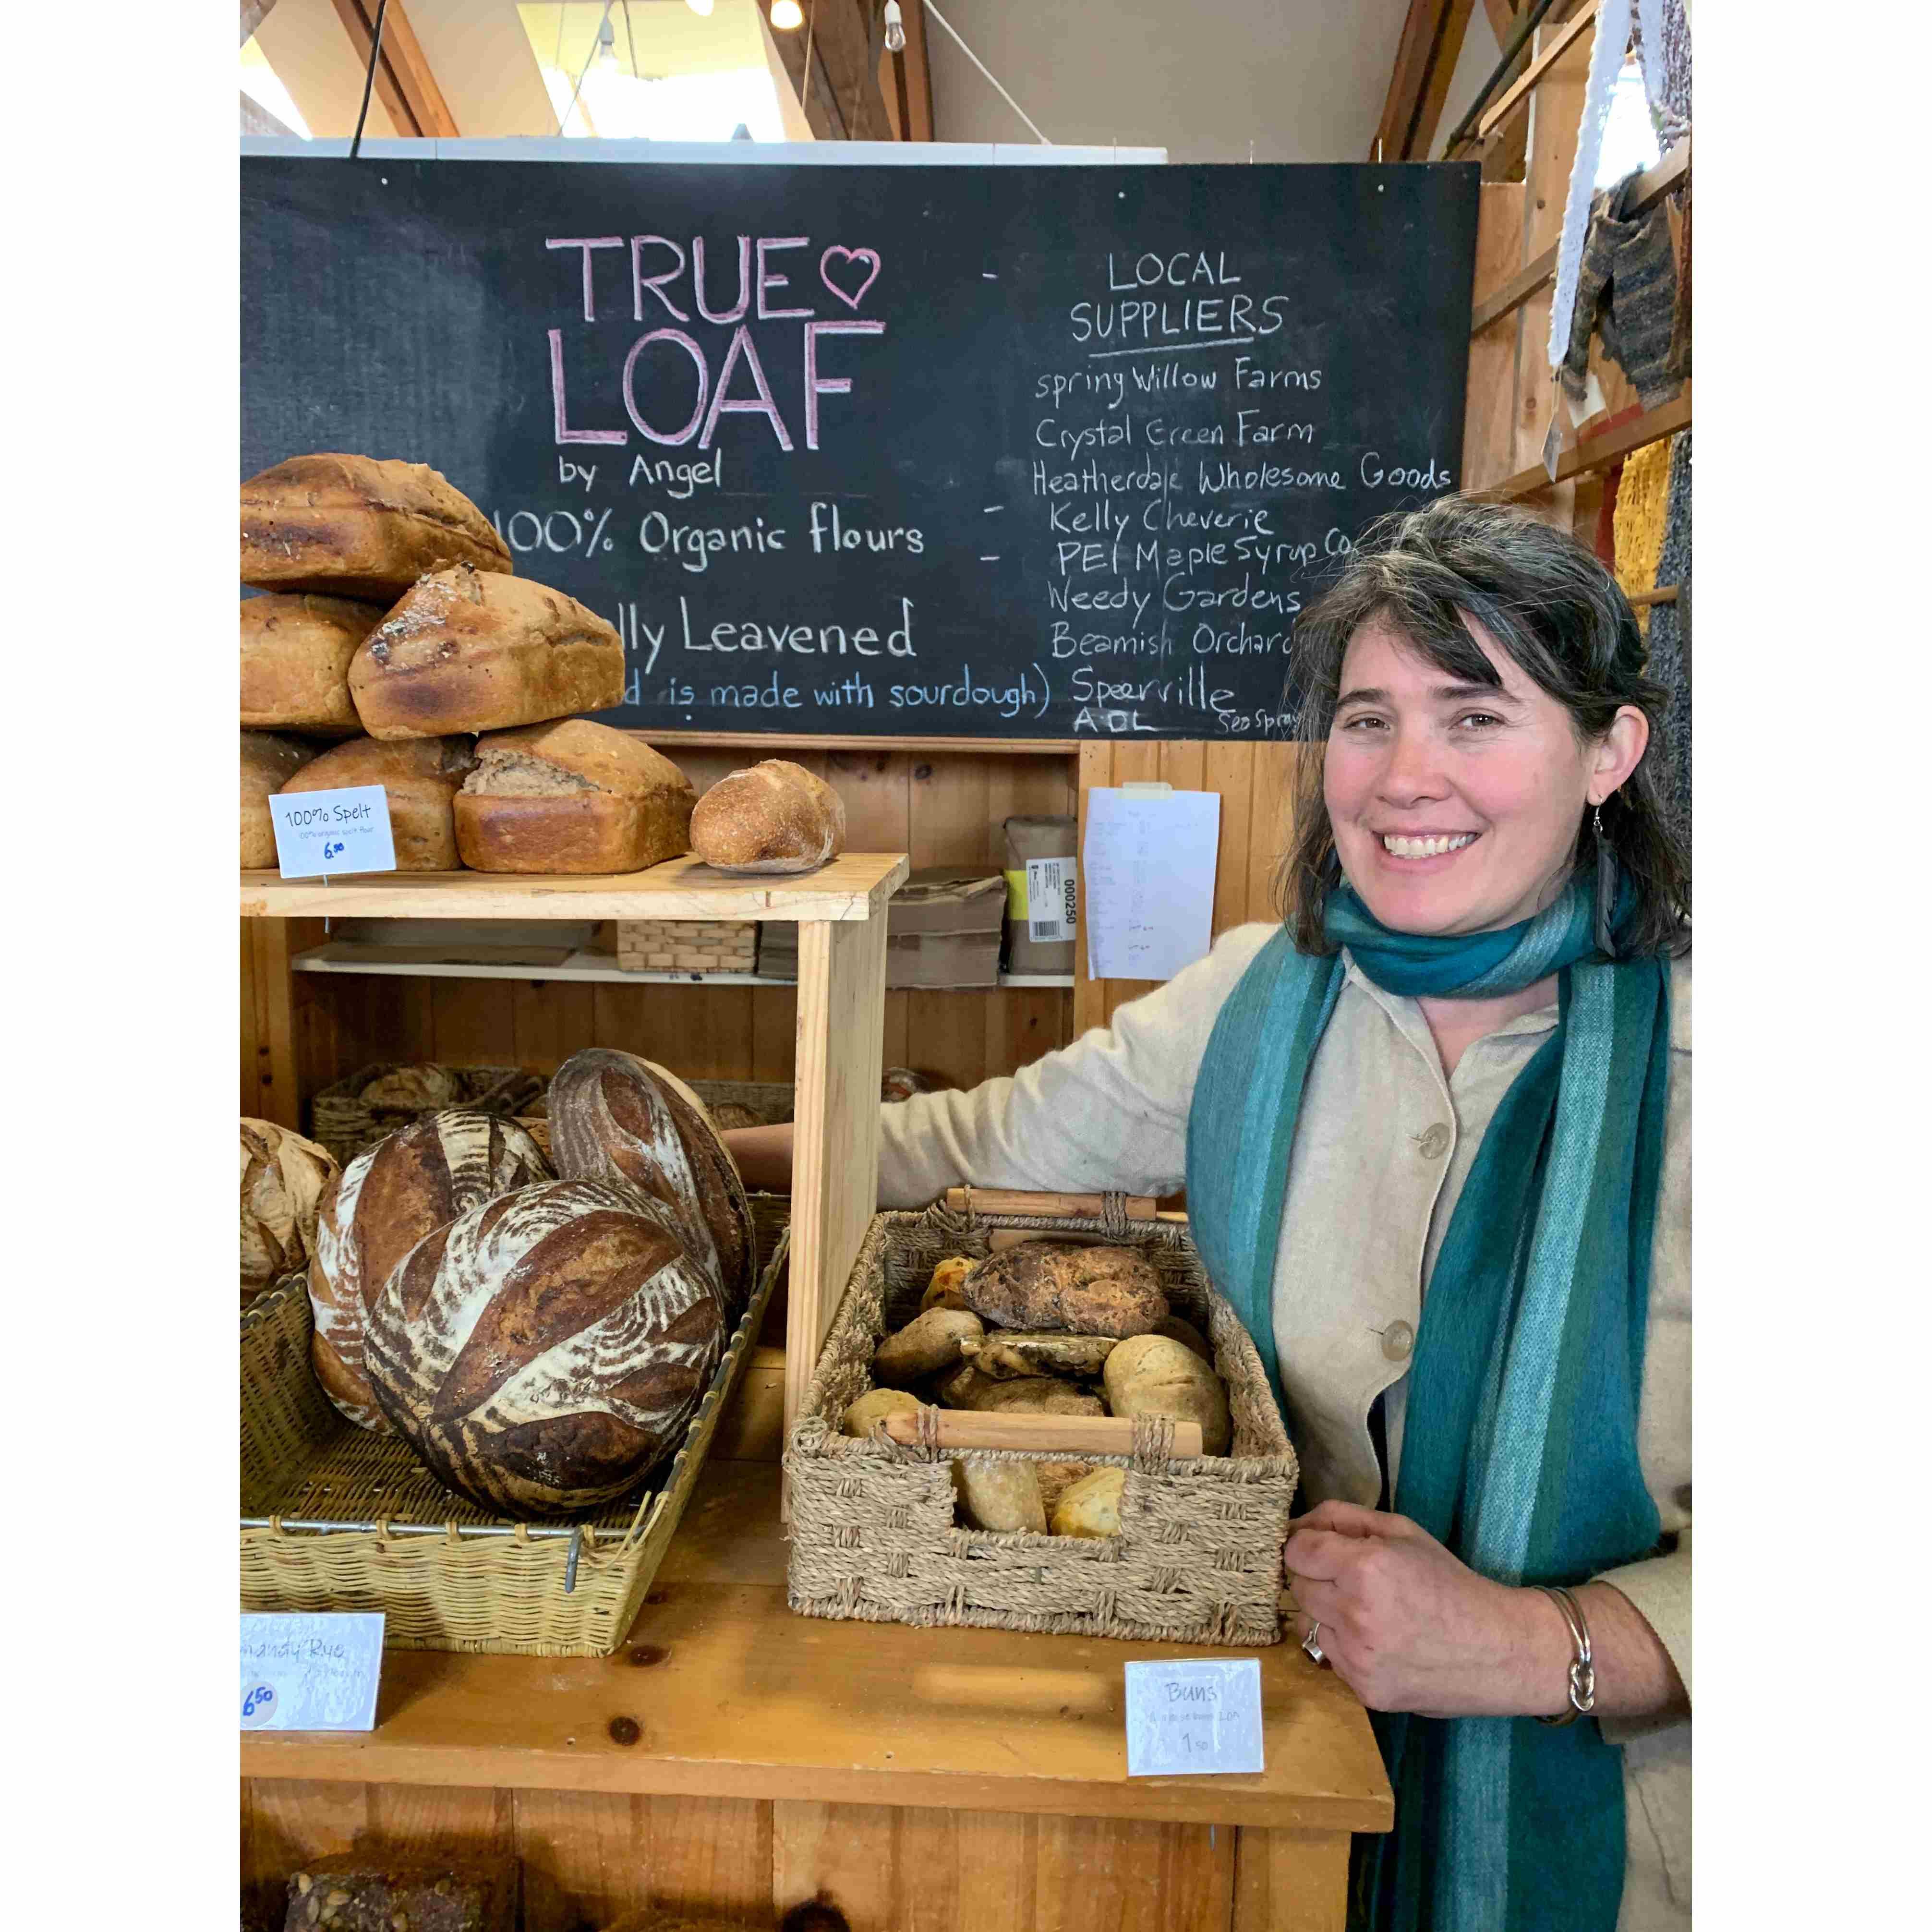 True Loaf